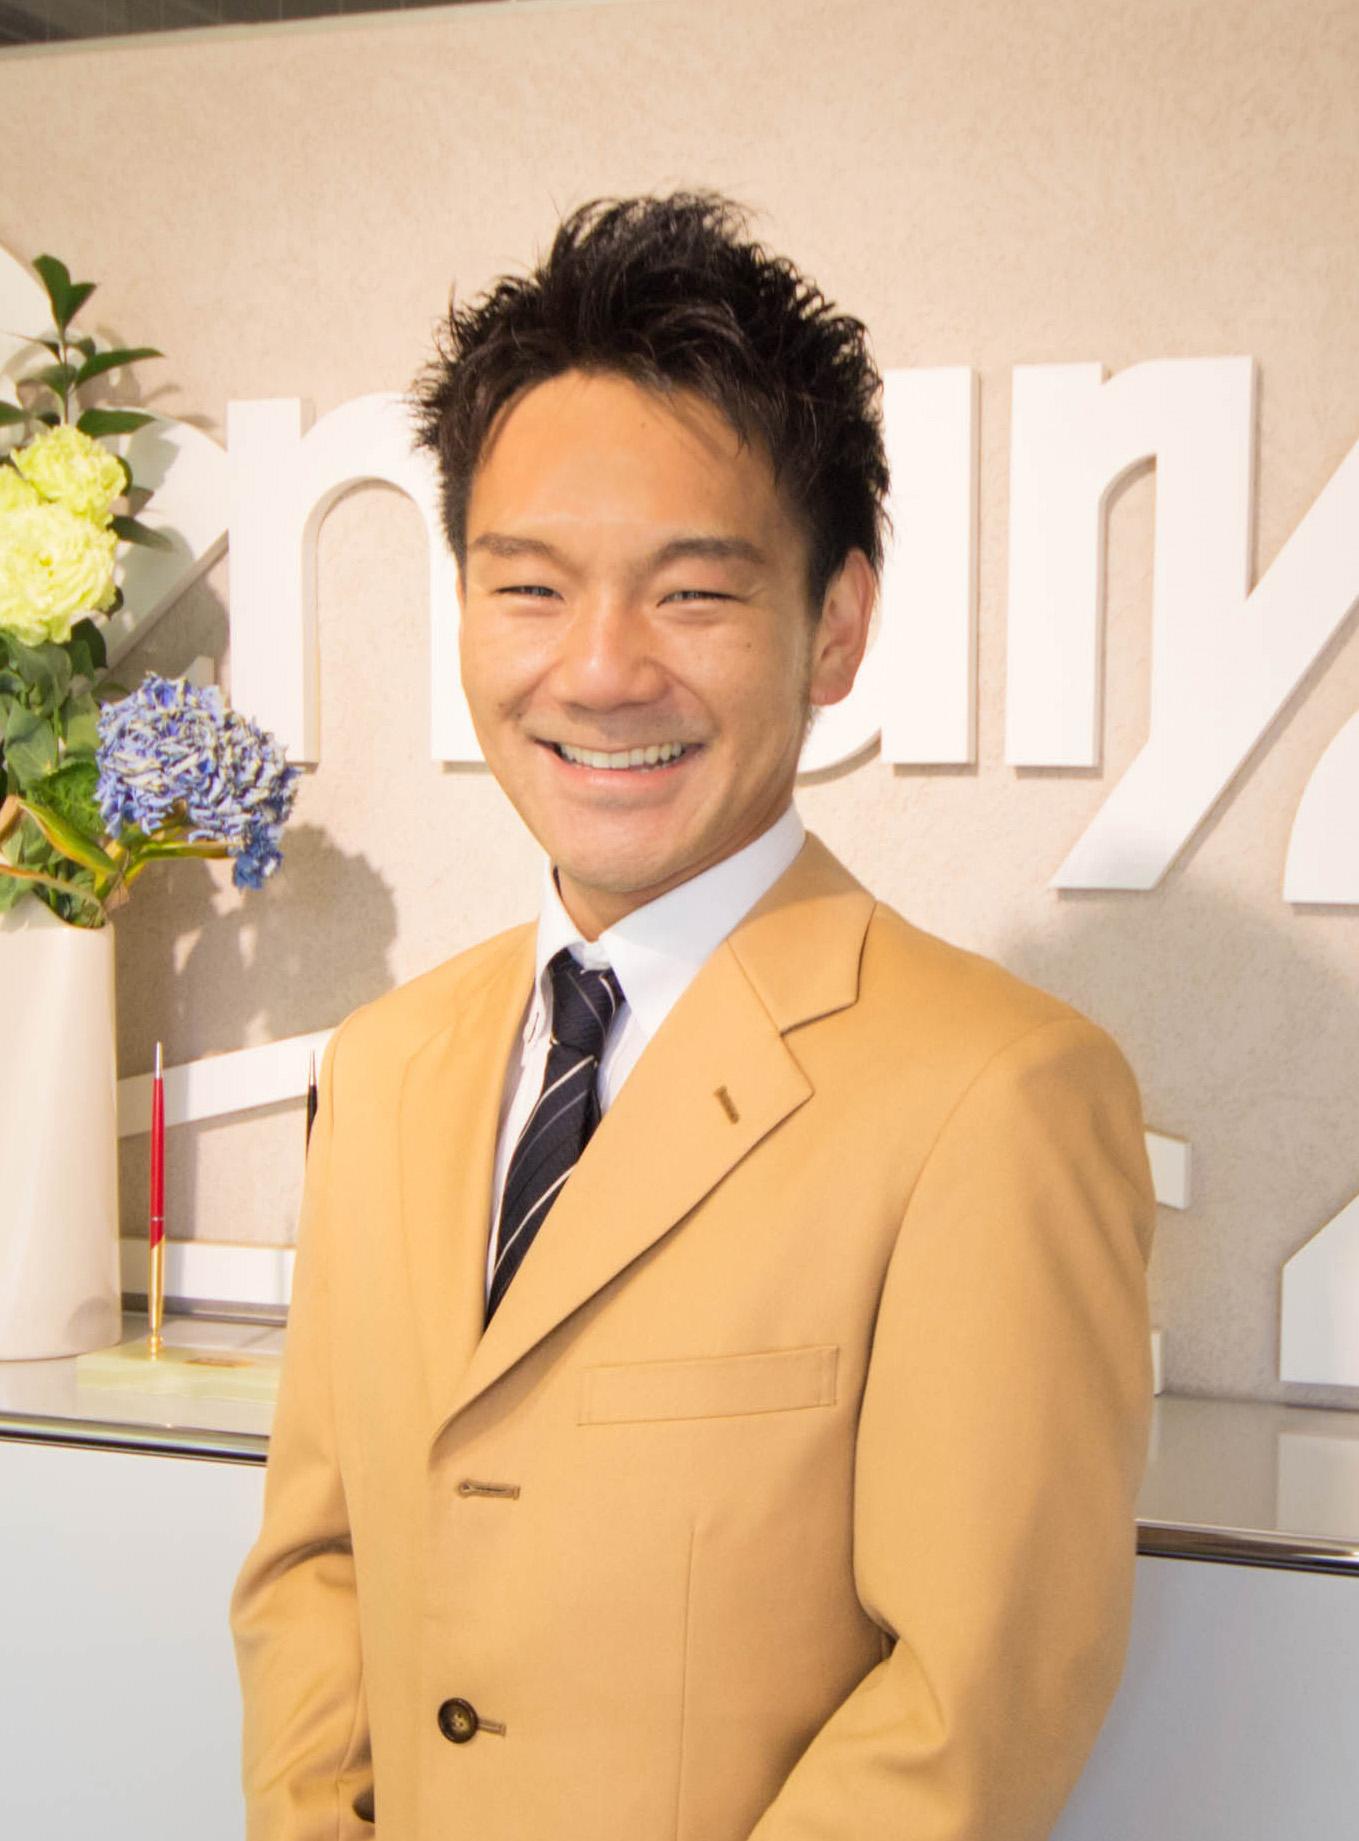 センチュリー21マトリックスレジデンシャル大田 章永の写真